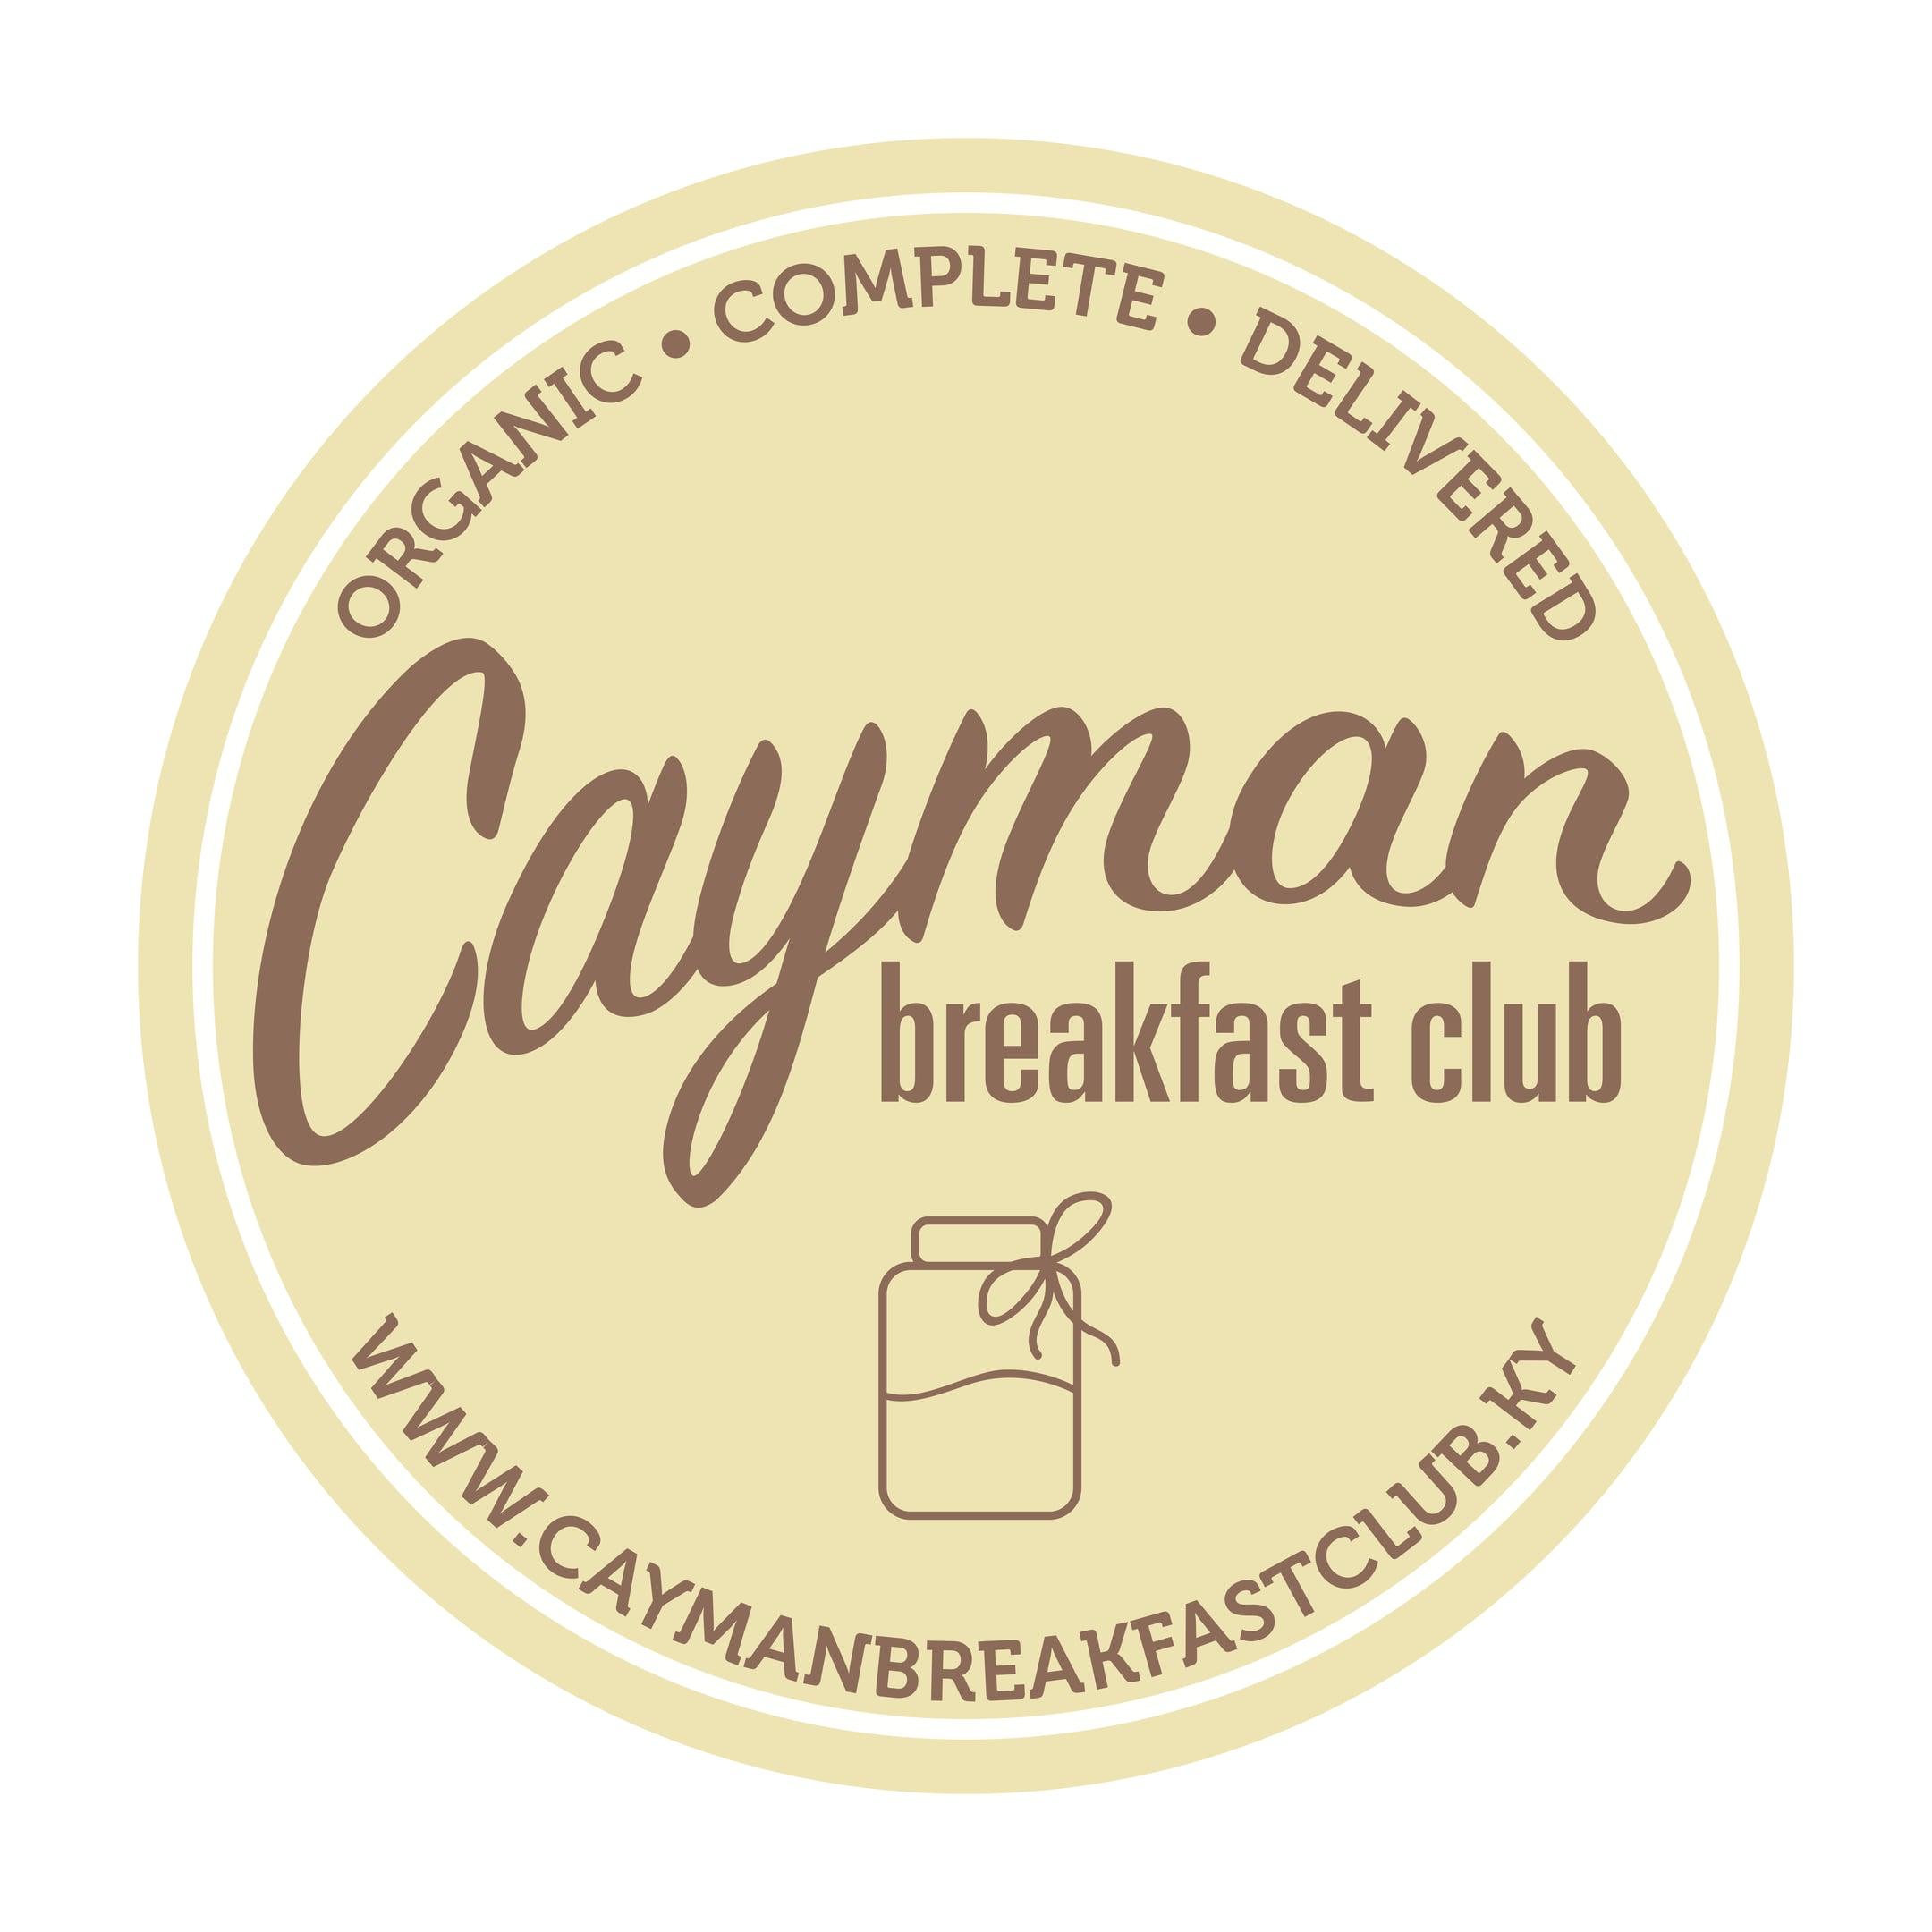 Cayman Breakfast Club